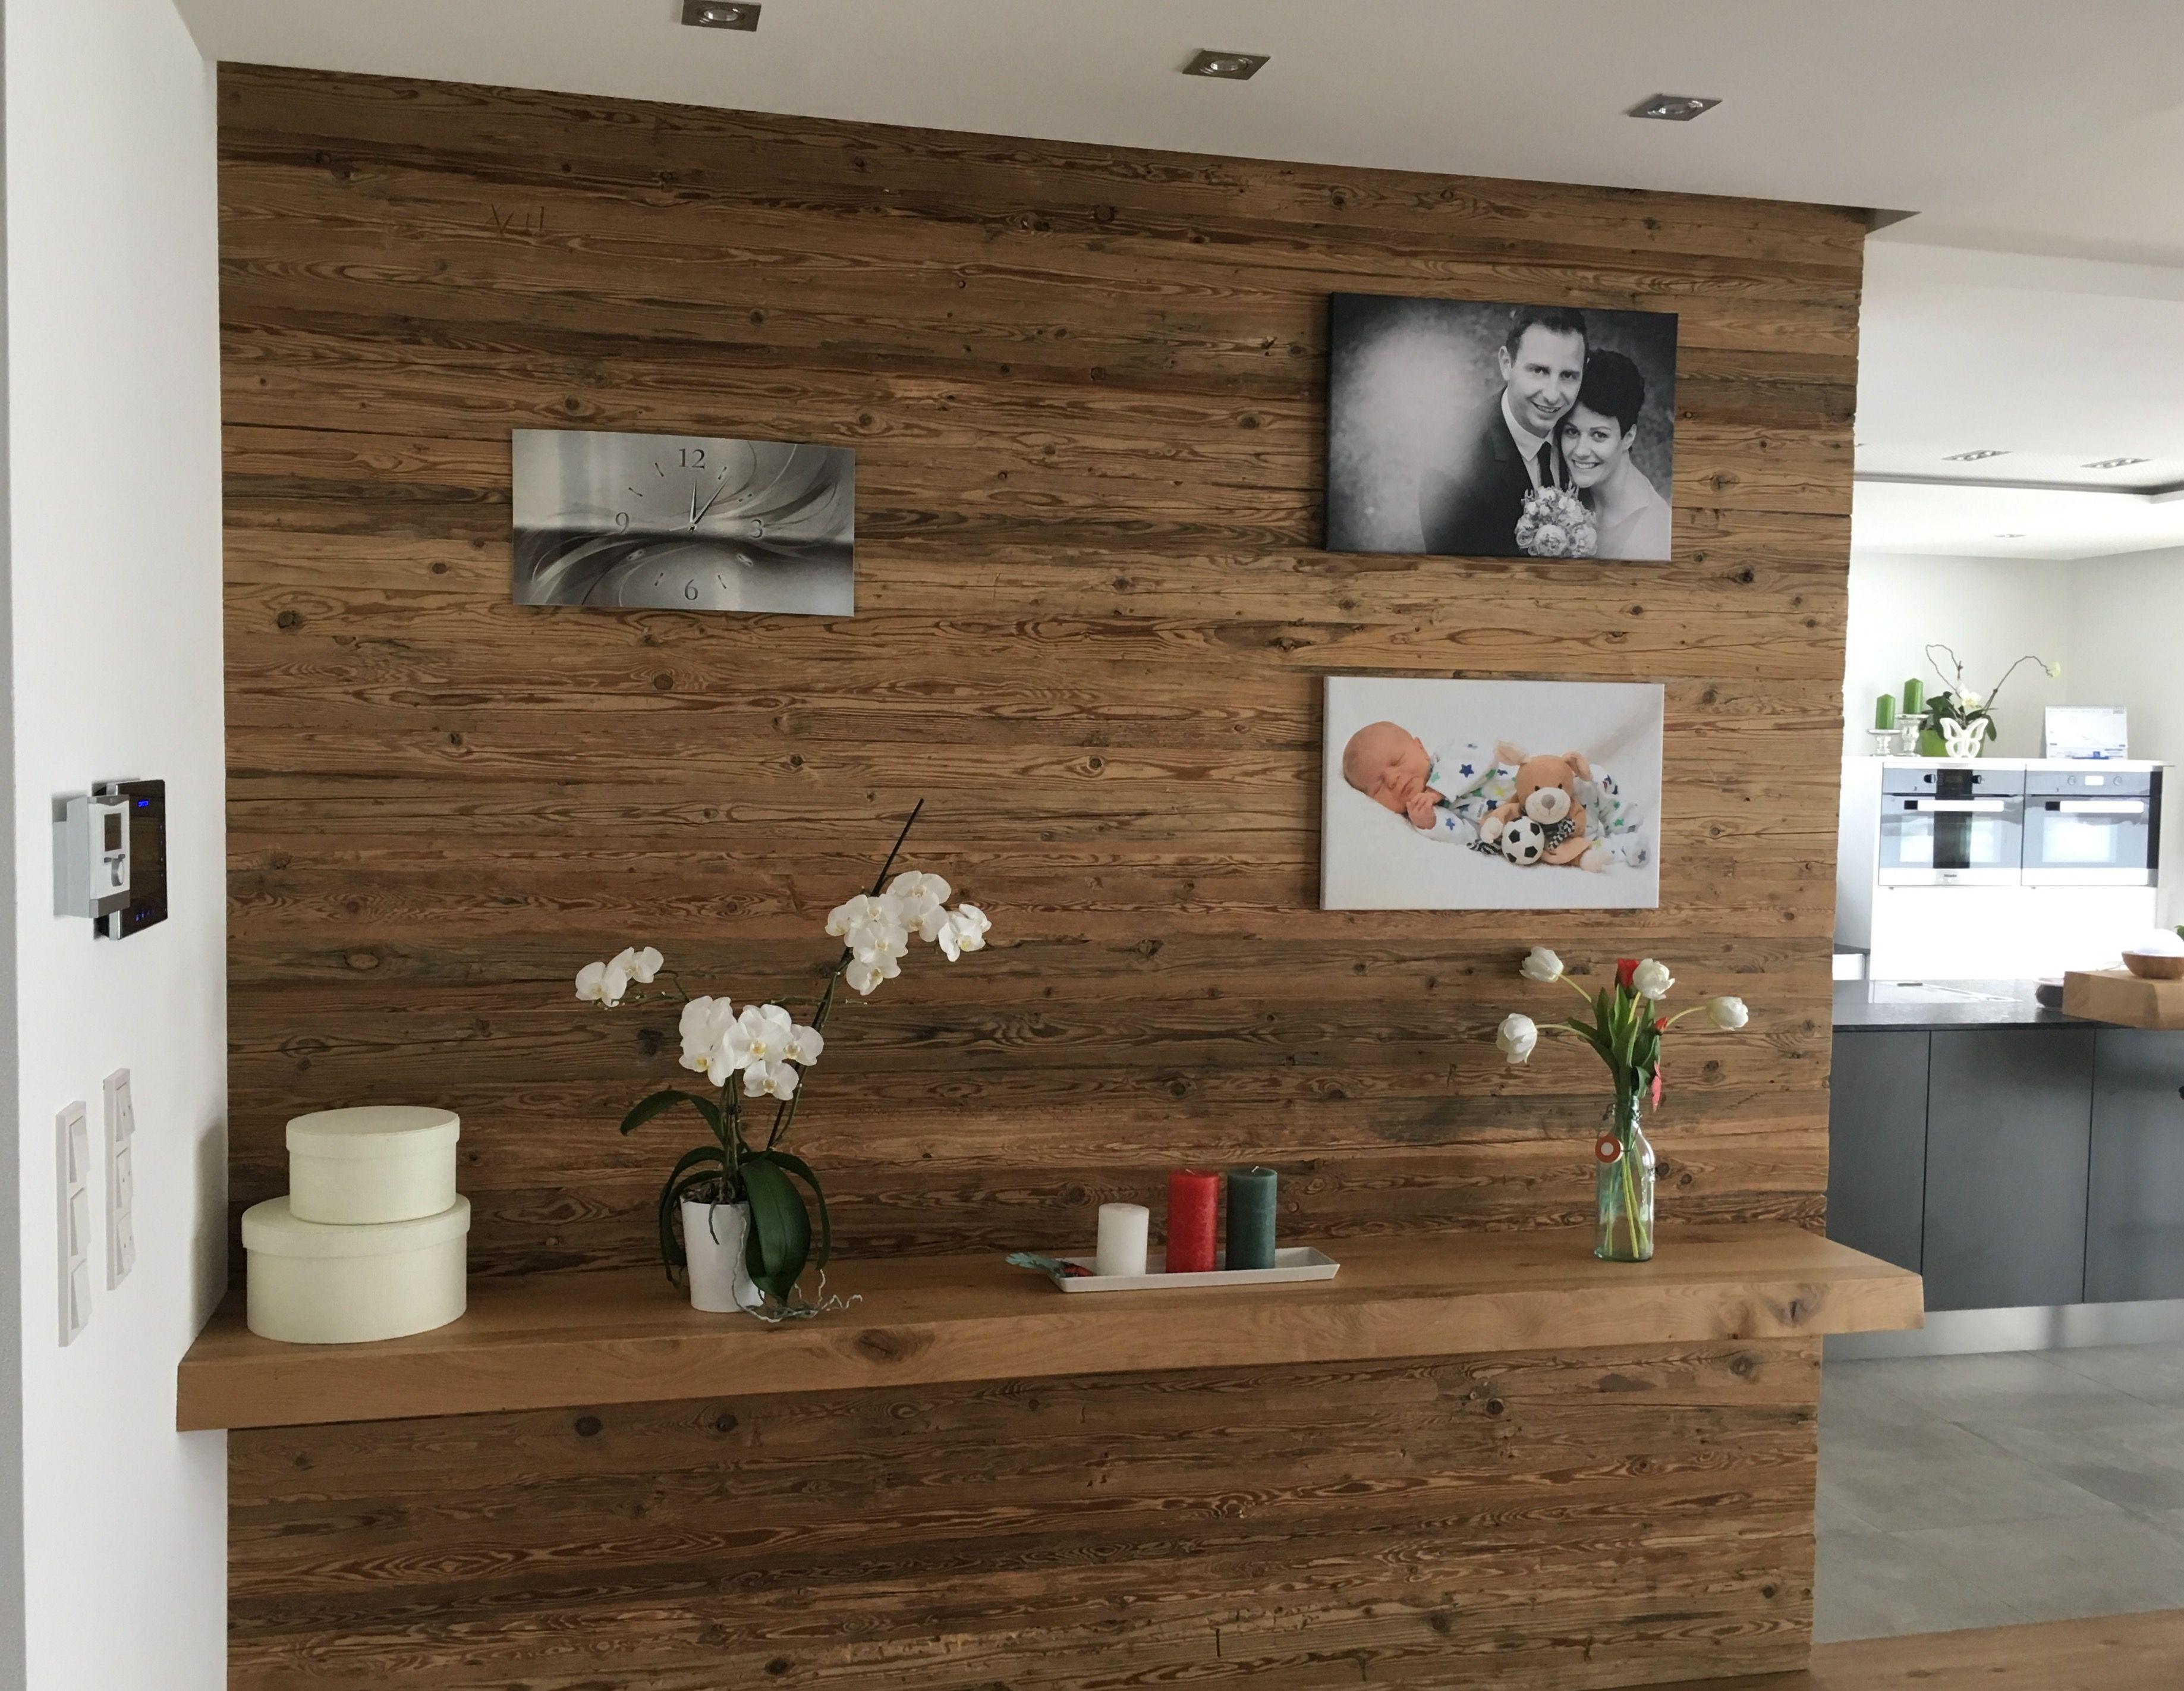 Altholzwand als Blickfang im Esszimmer in einem Einfamilienhaus mit indirekter und direkter Beleuchtung sowie edlem Eicheboard